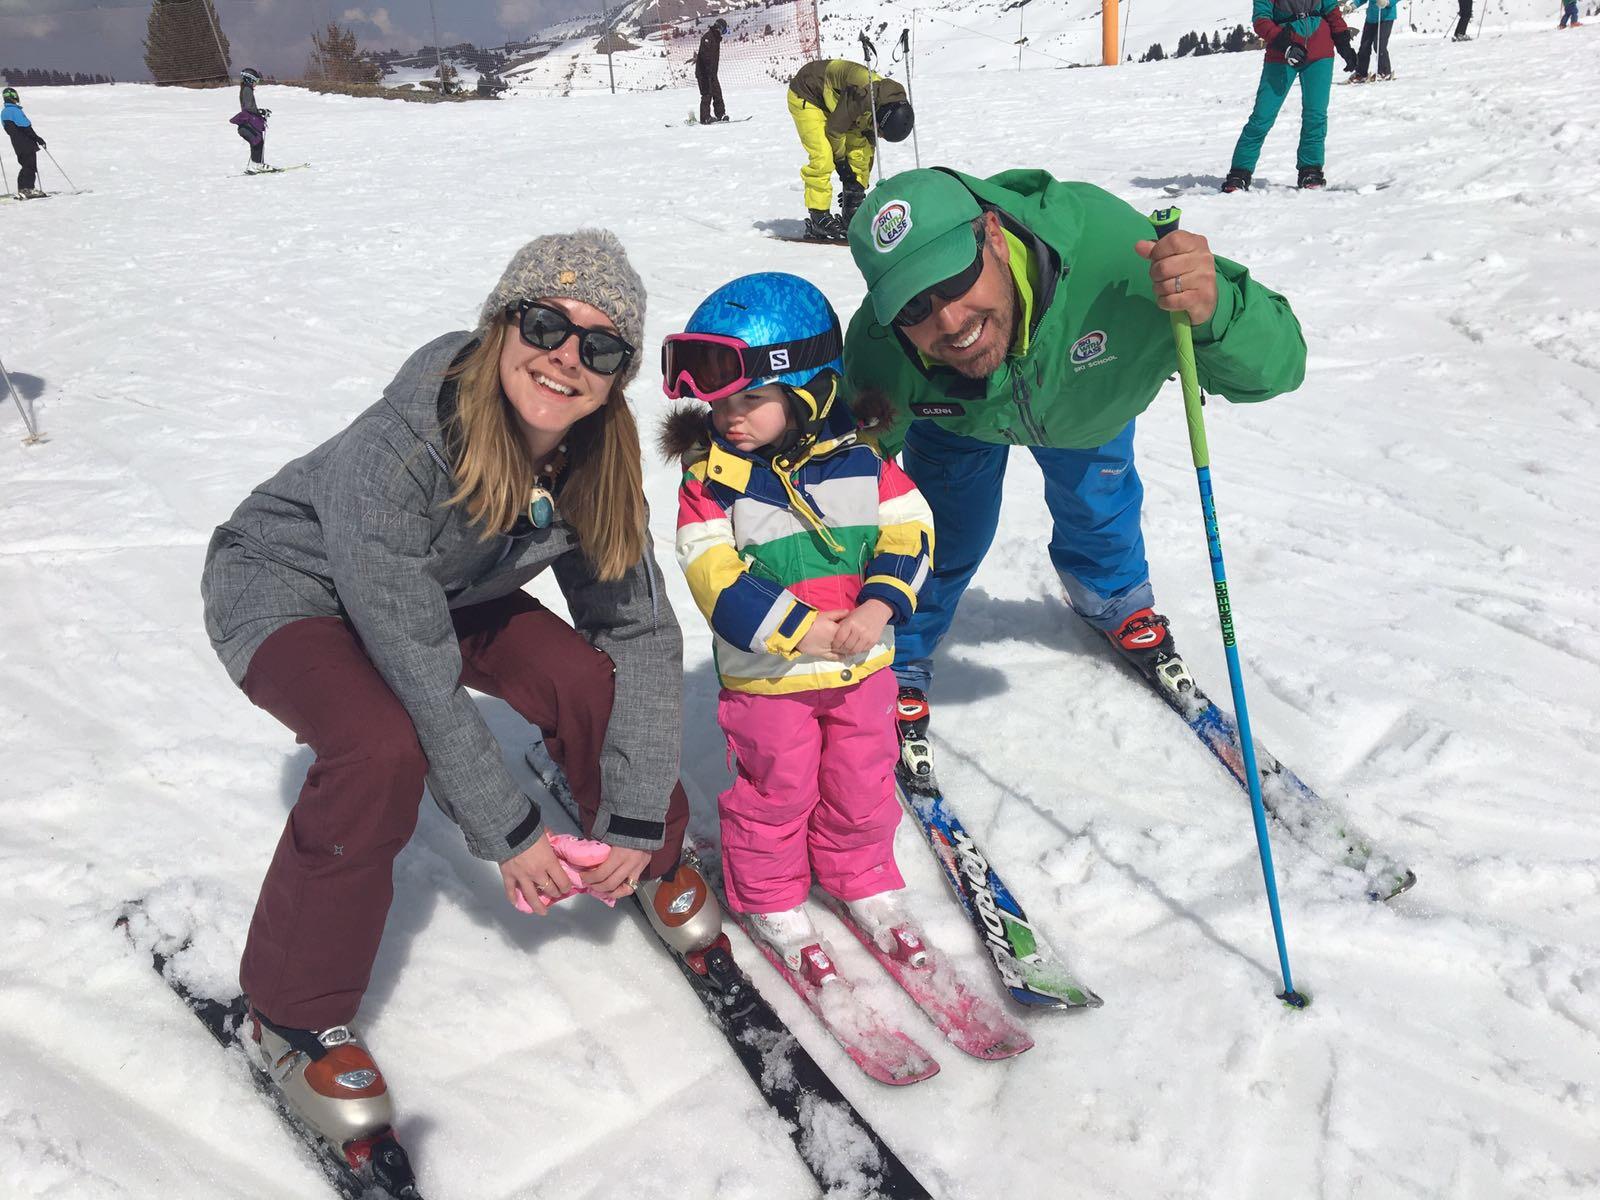 Ski School information